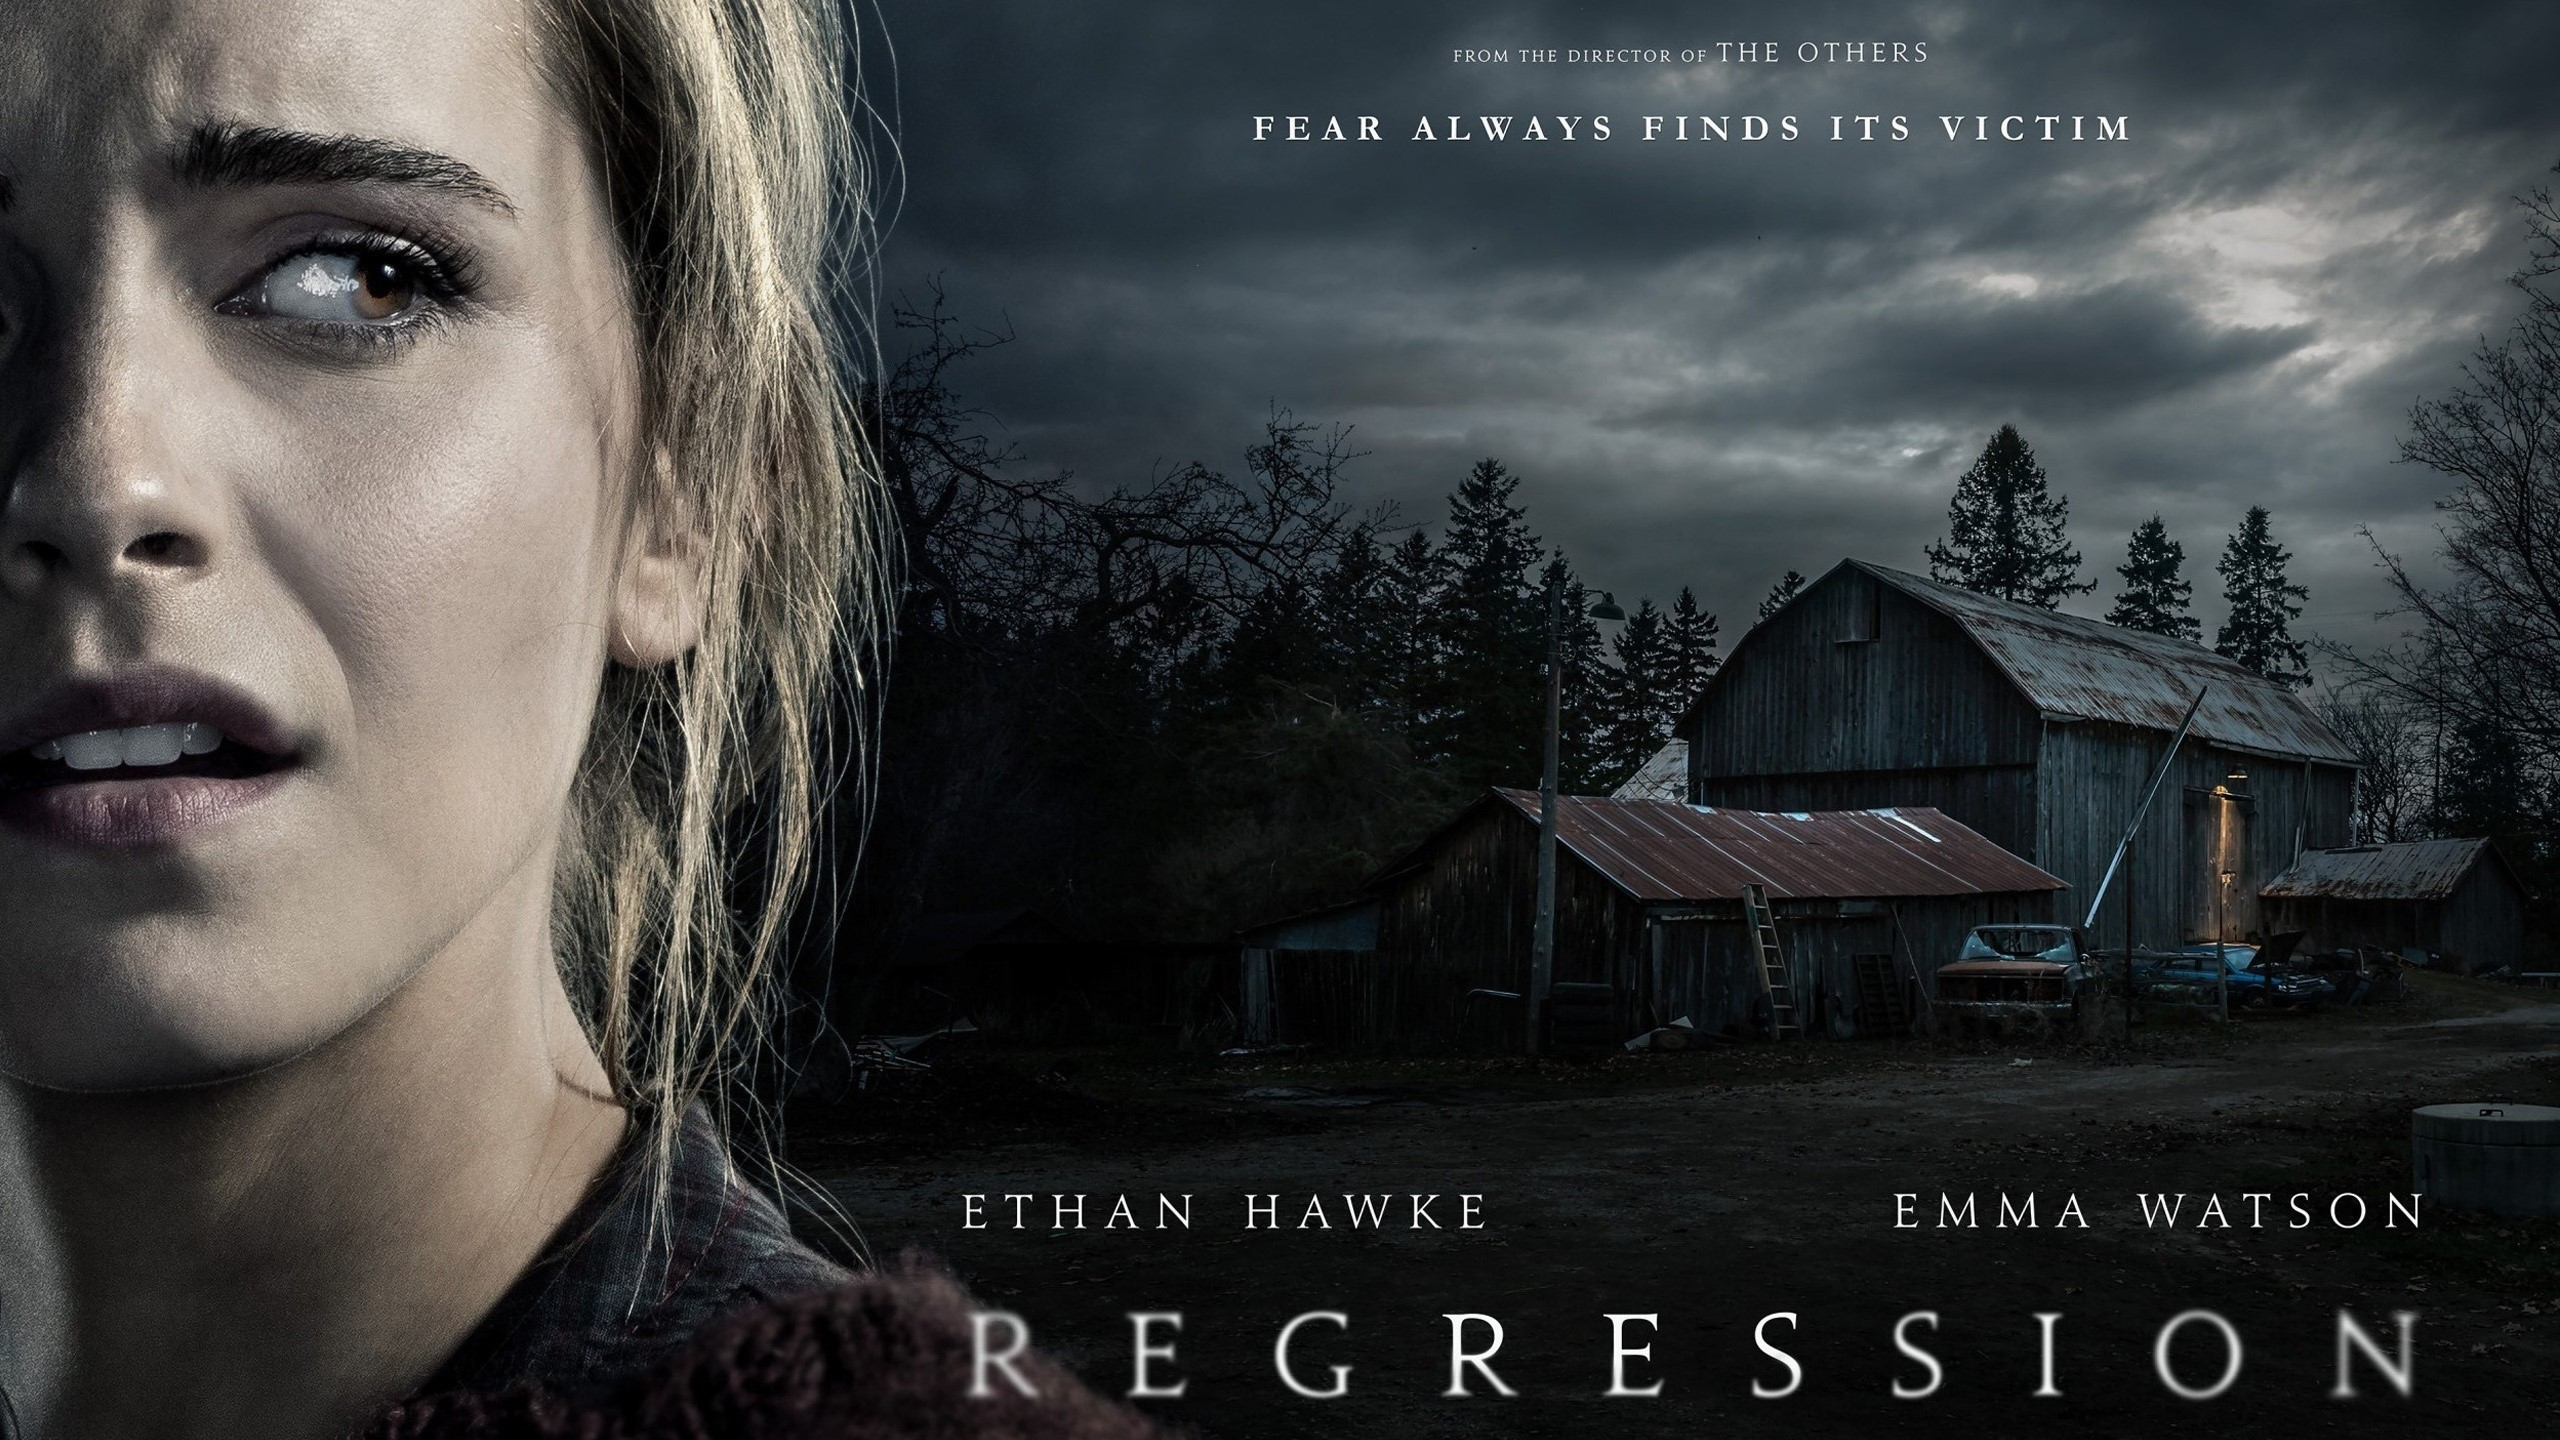 Fondos de pantalla Emma watson en Regresión